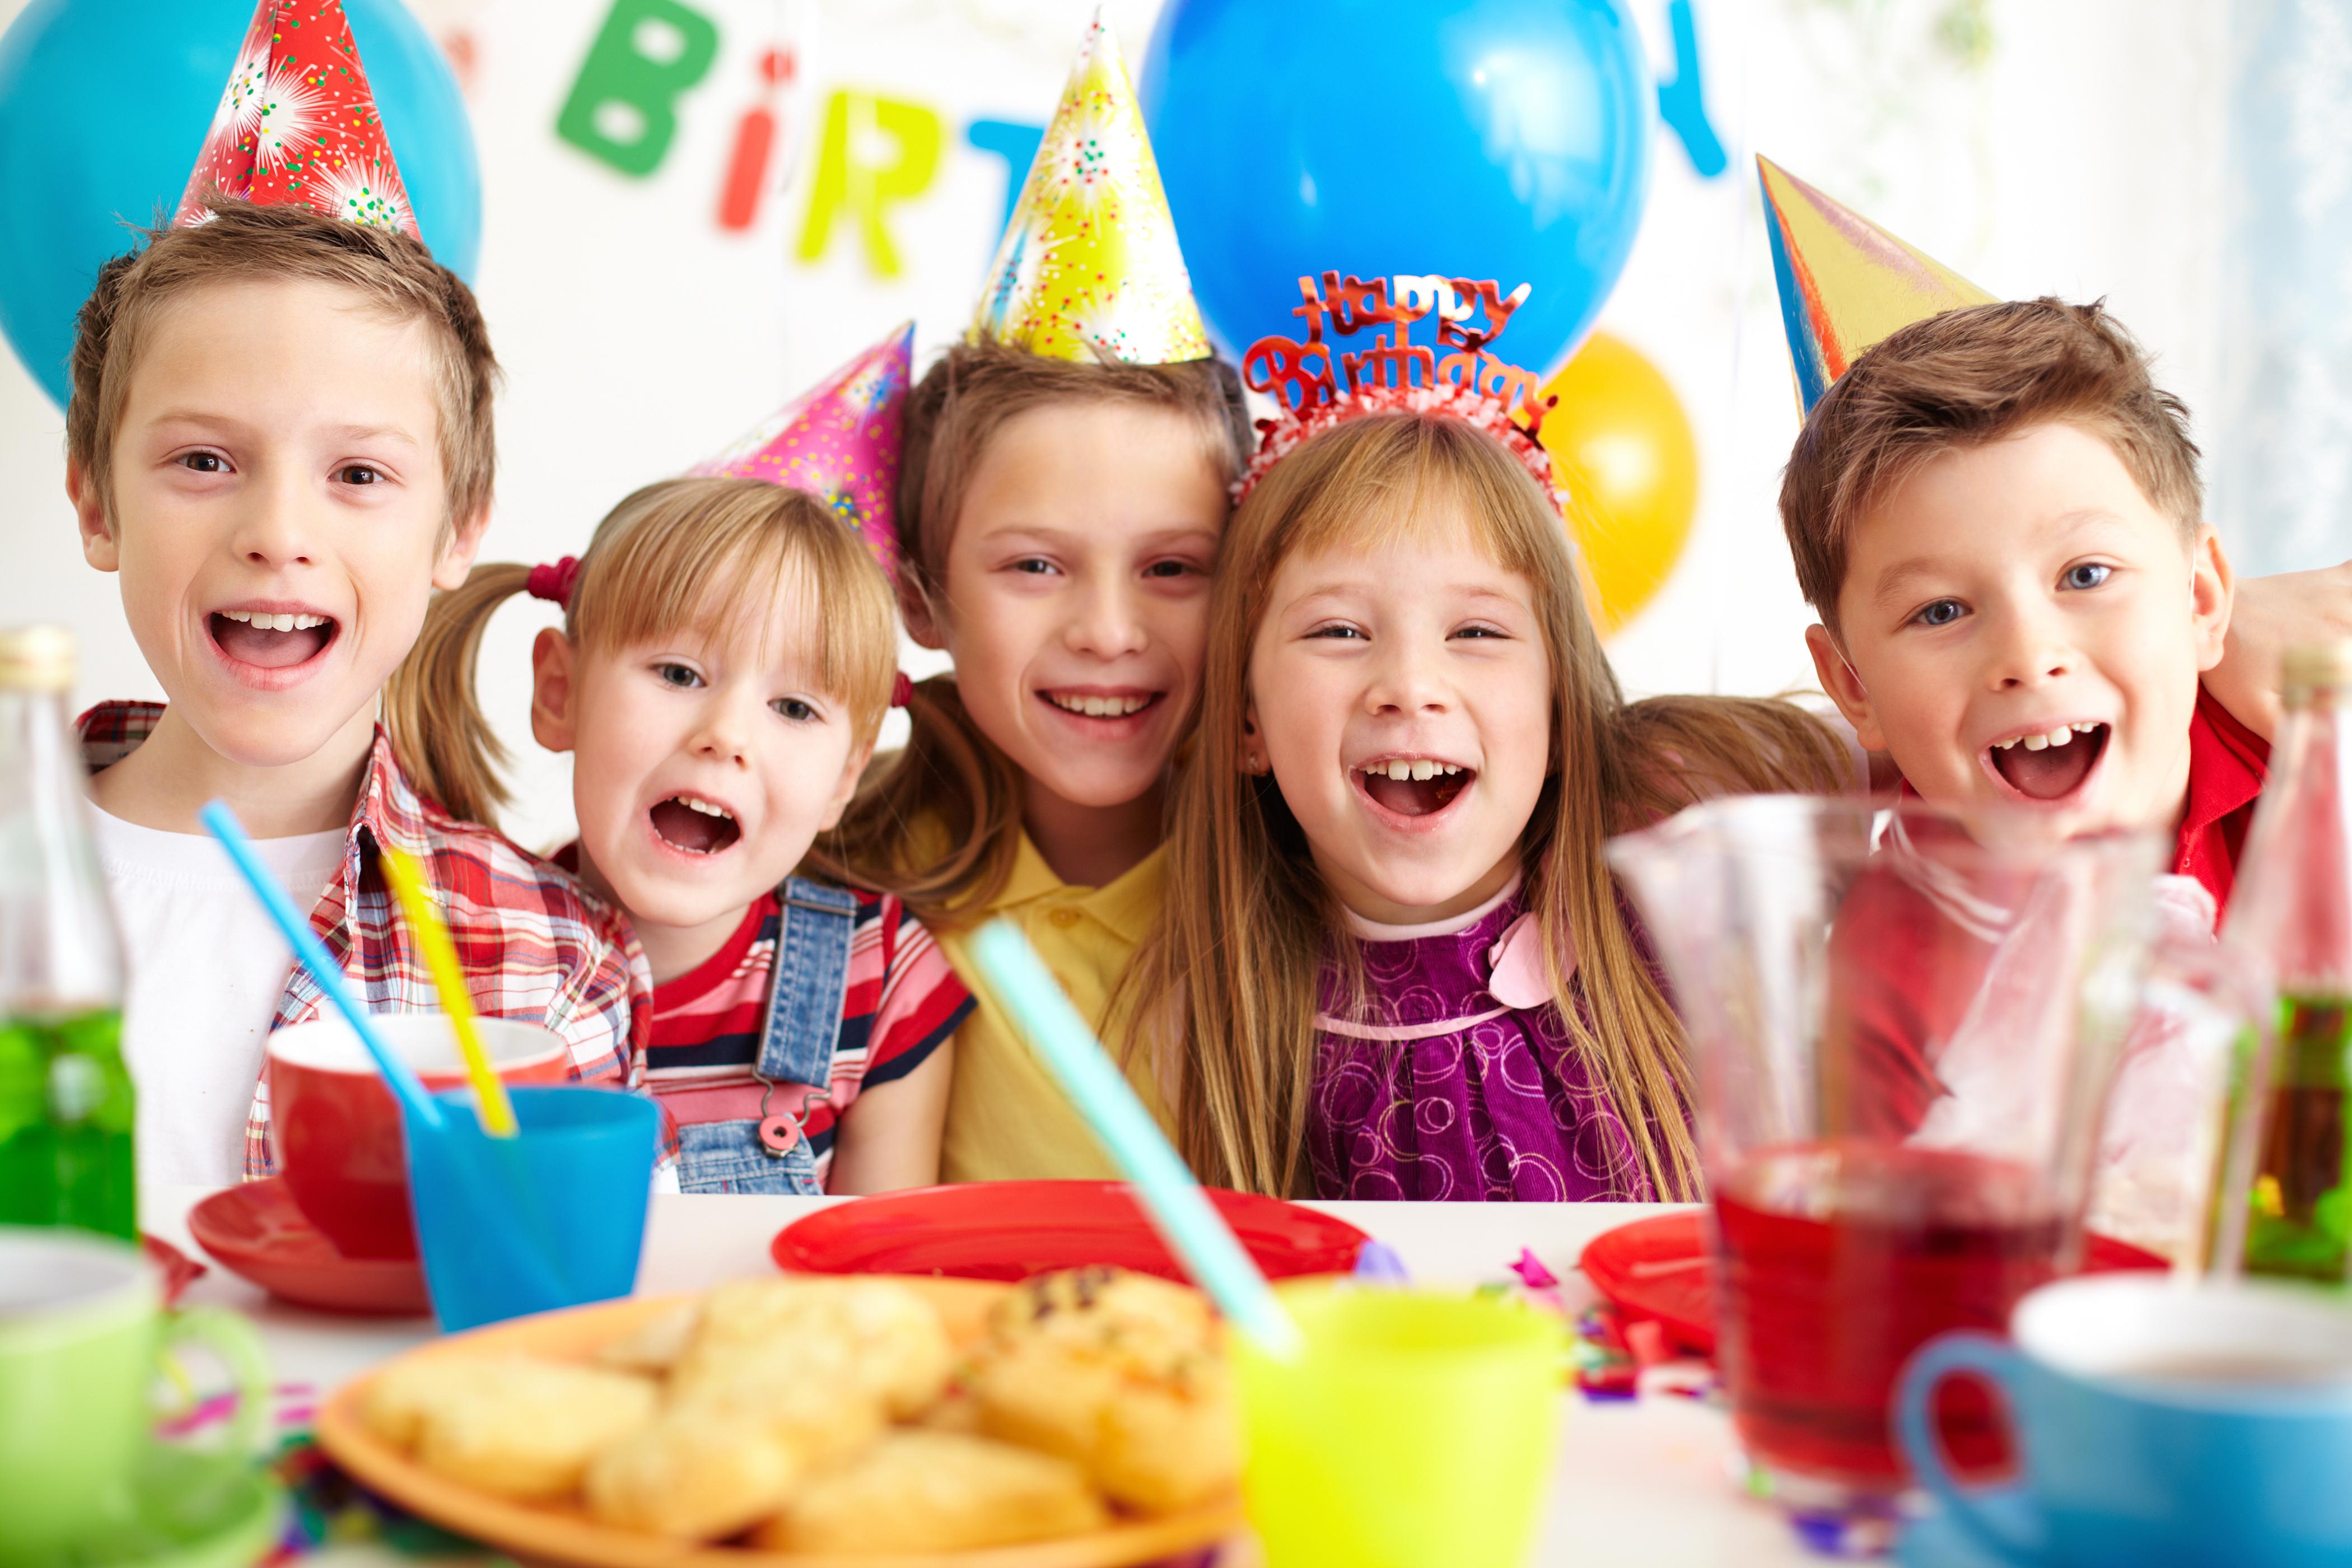 パーティーグッズ|ダイソーからフォトジェニックなパーティーコーディネートが販売開始!